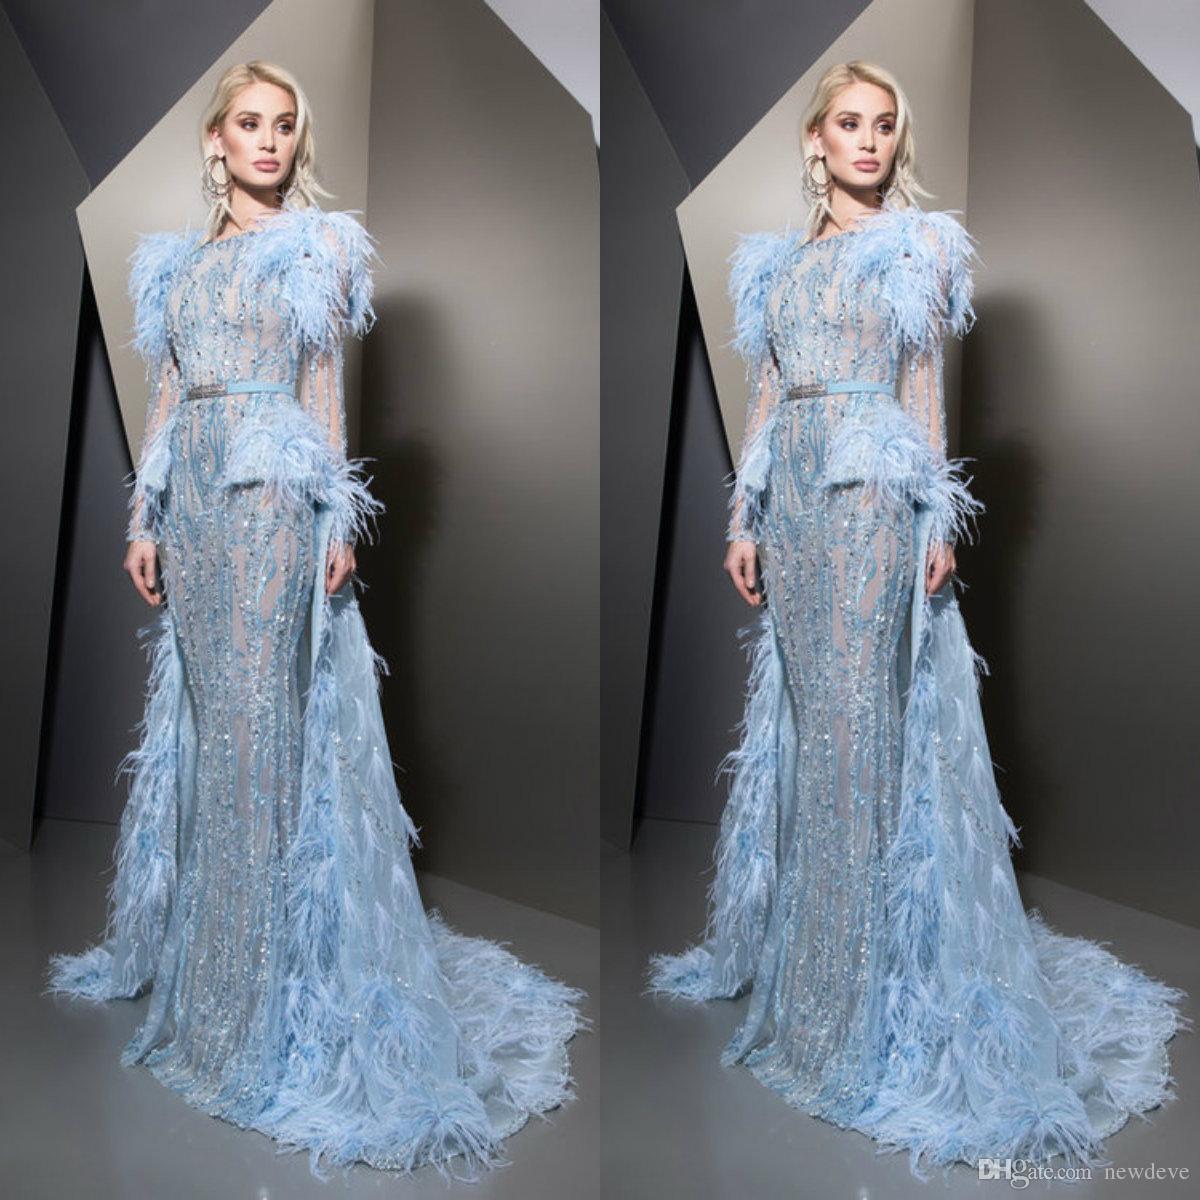 ملابس بنات عرض ازياء فستان سهرة صور فساتين سهره صور ملابس 2020 61